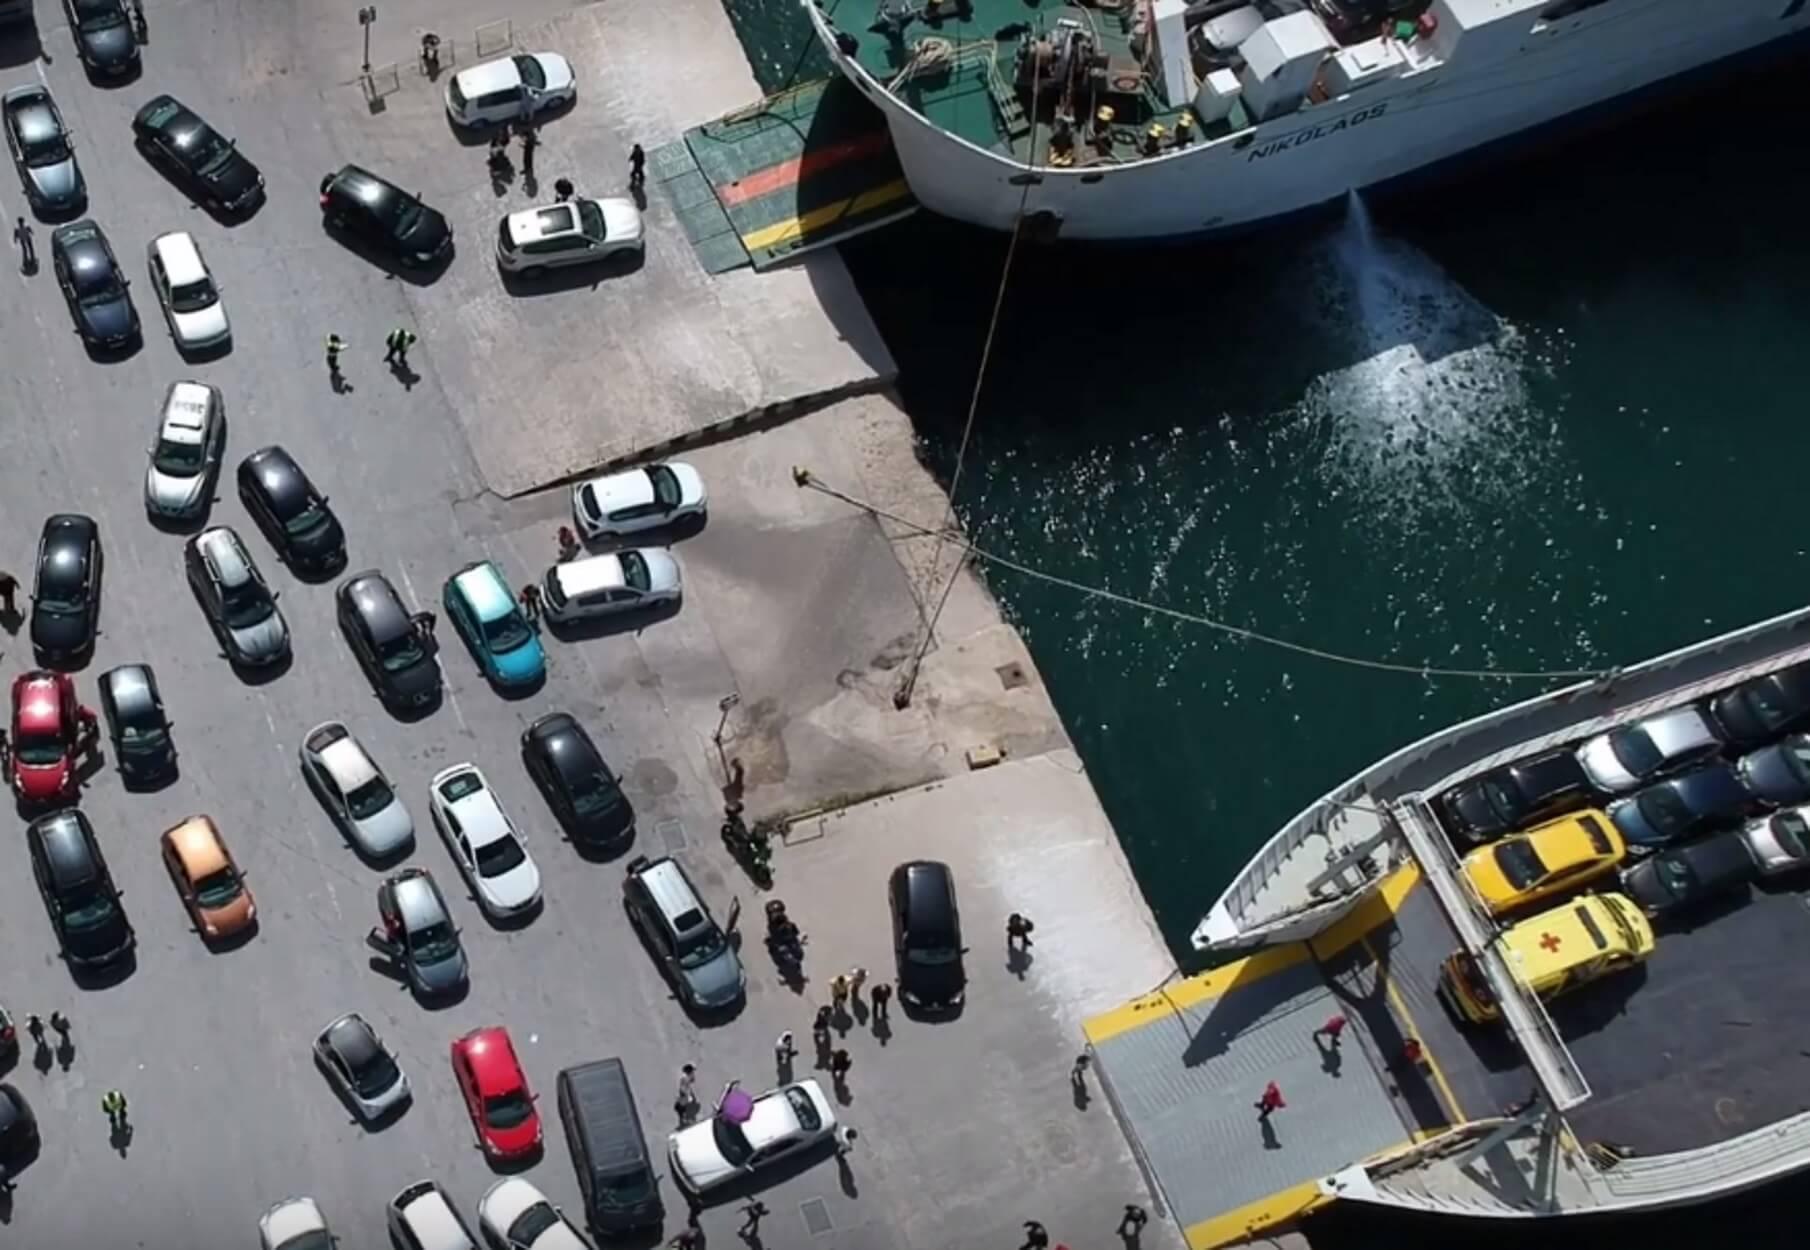 Απίστευτα πλάνα της πασχαλινής εξόδου από drone στο λιμάνι της Ηγουμενίτσας! video